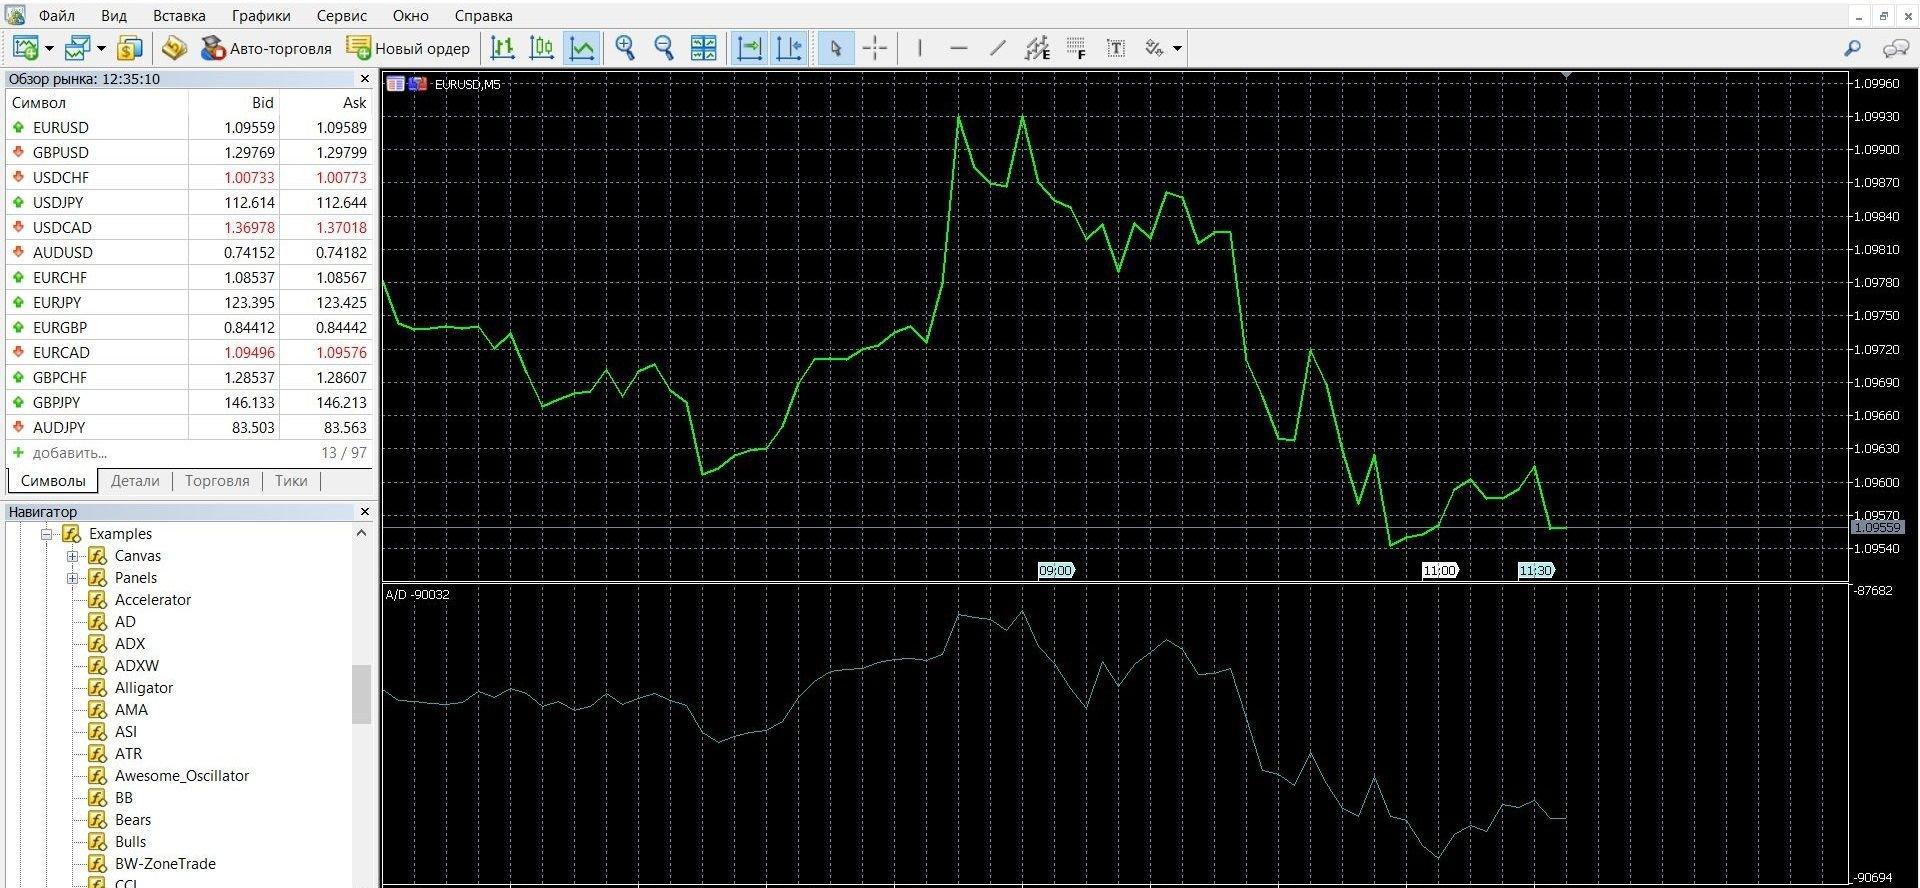 Индикатор Накопления/Распределения (A/D)